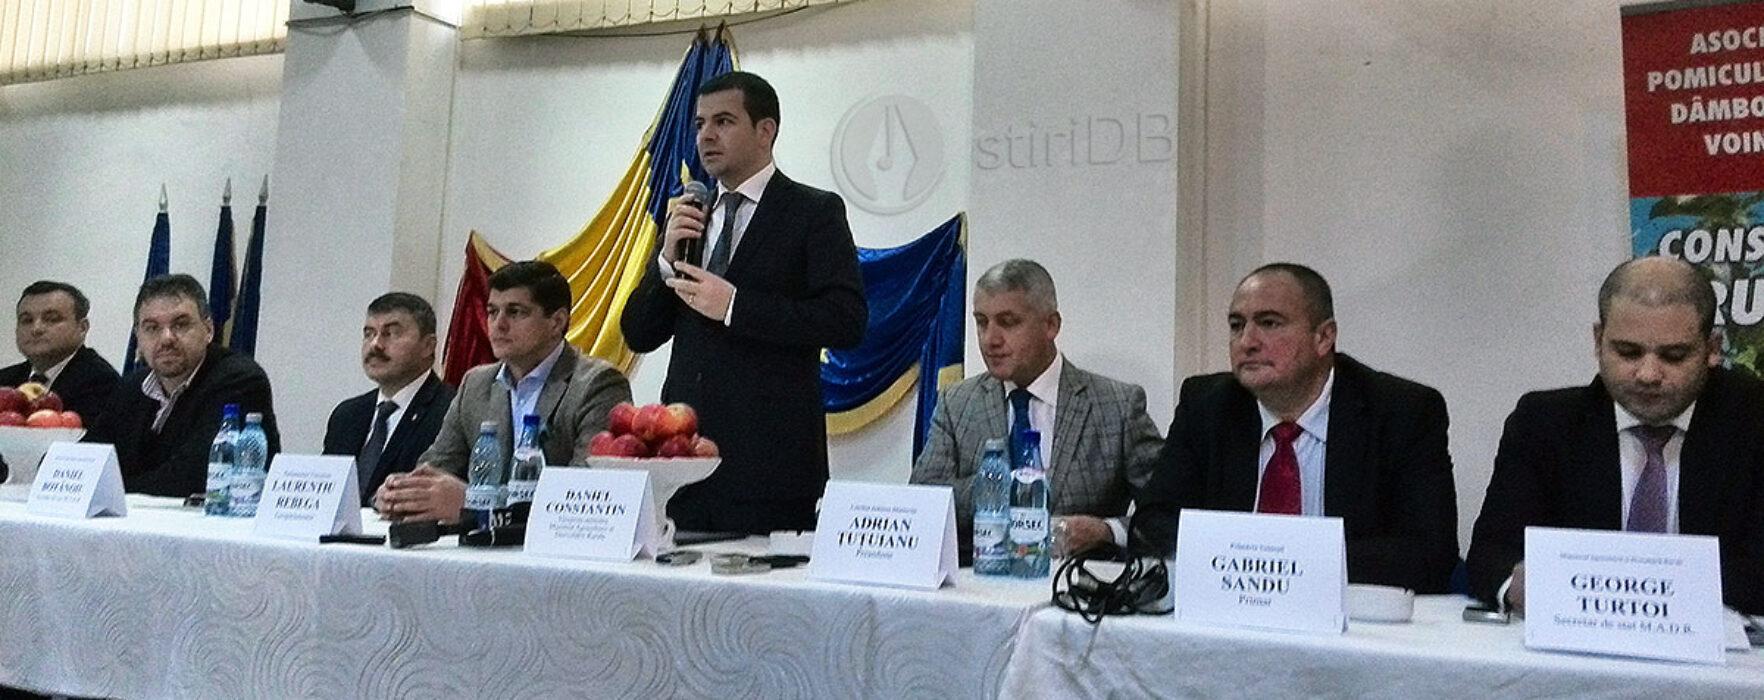 Ministrul Agriculturii, întâlnire cu agricultori din Voineşti şi Titu